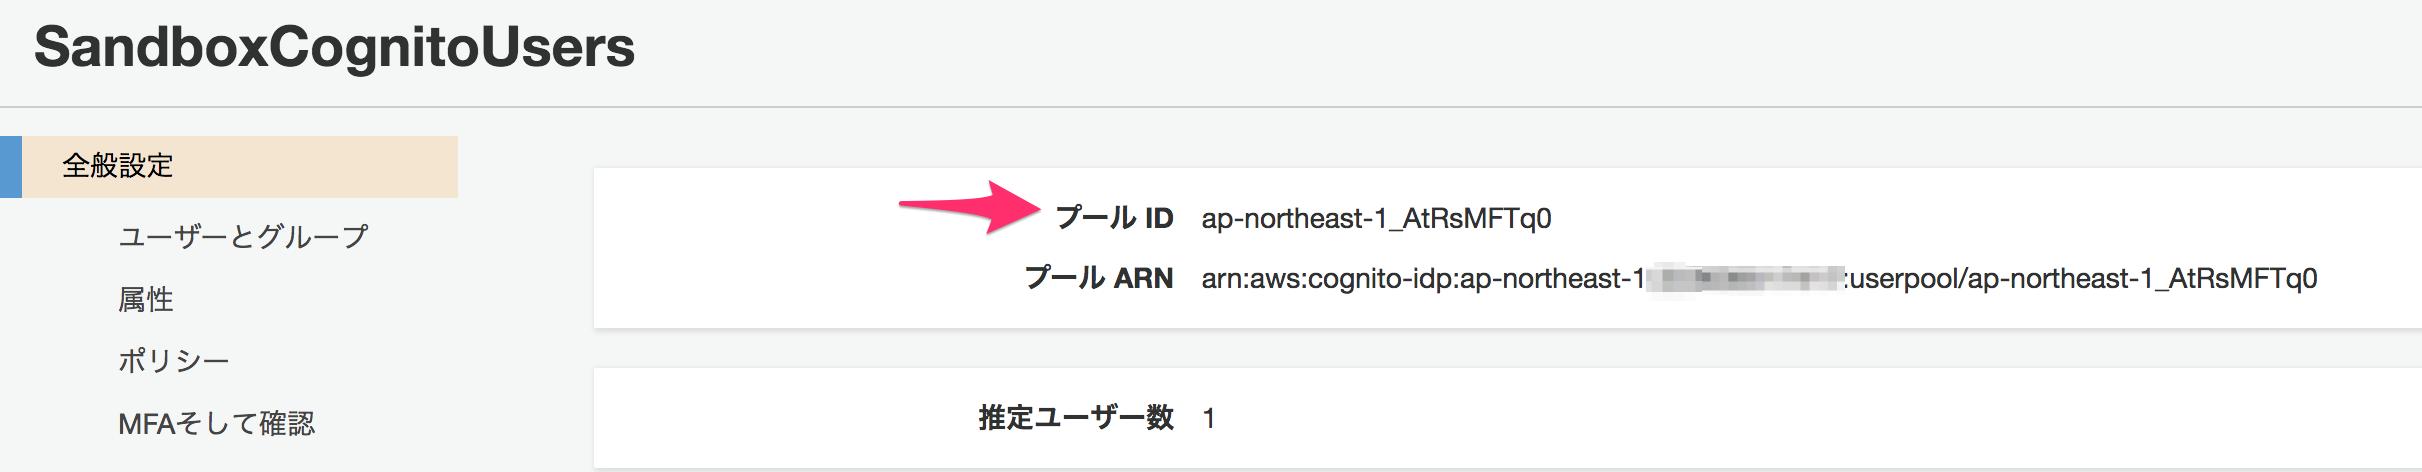 API GatewayのIAM認証をCOGNITOユーザプールで試してみた - Qiita